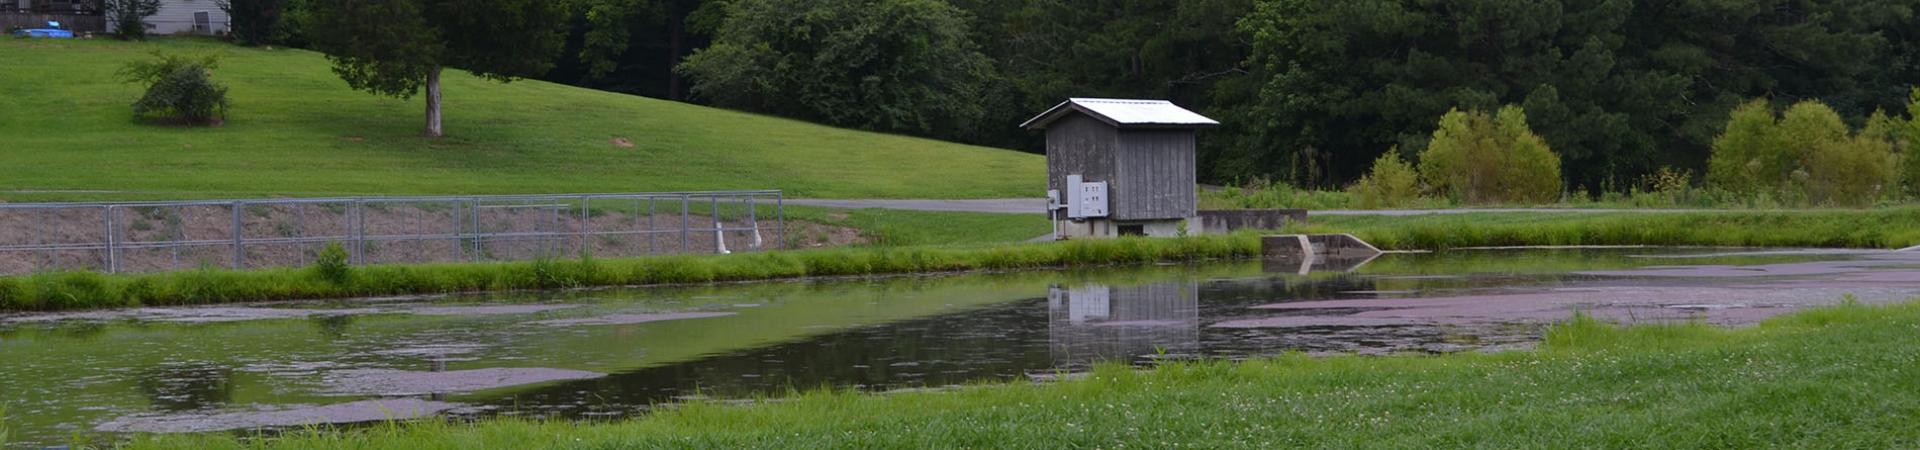 Summerville Hatchery Pond